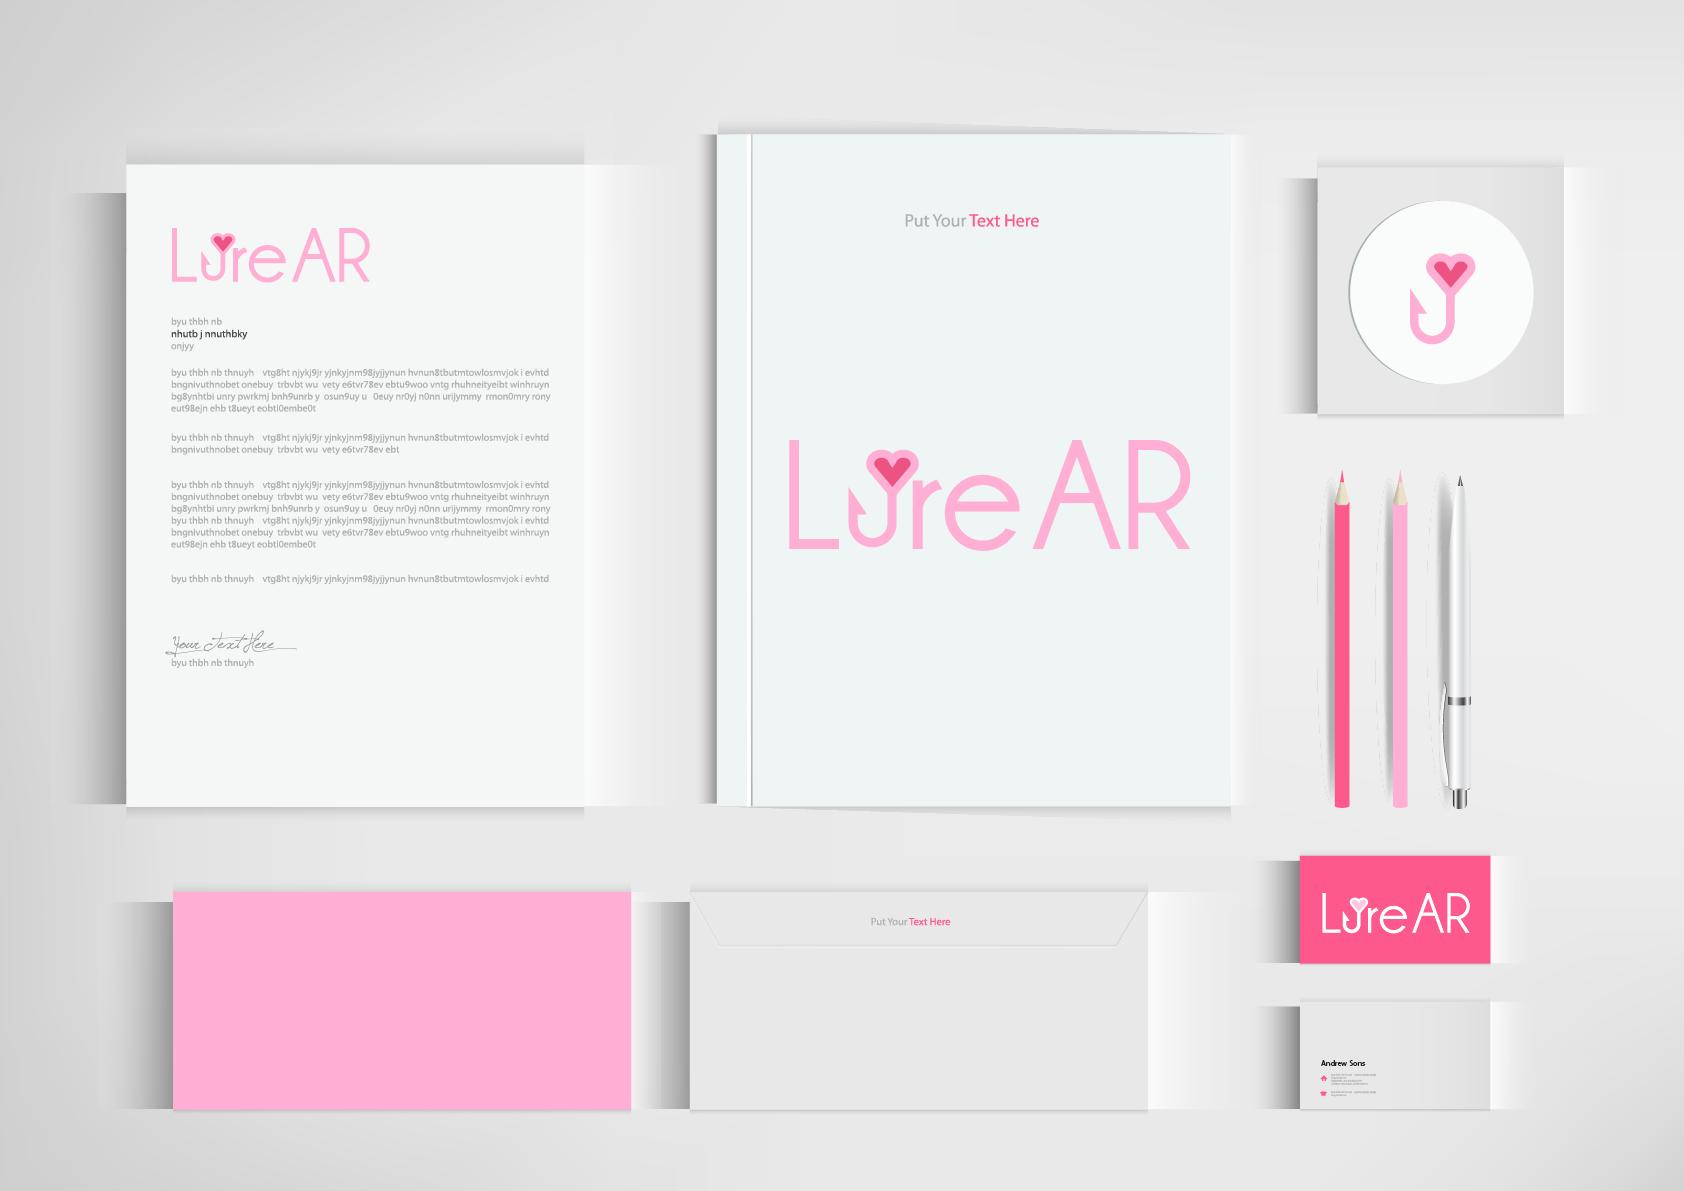 AR Based Dating App Branding & UI UX Design